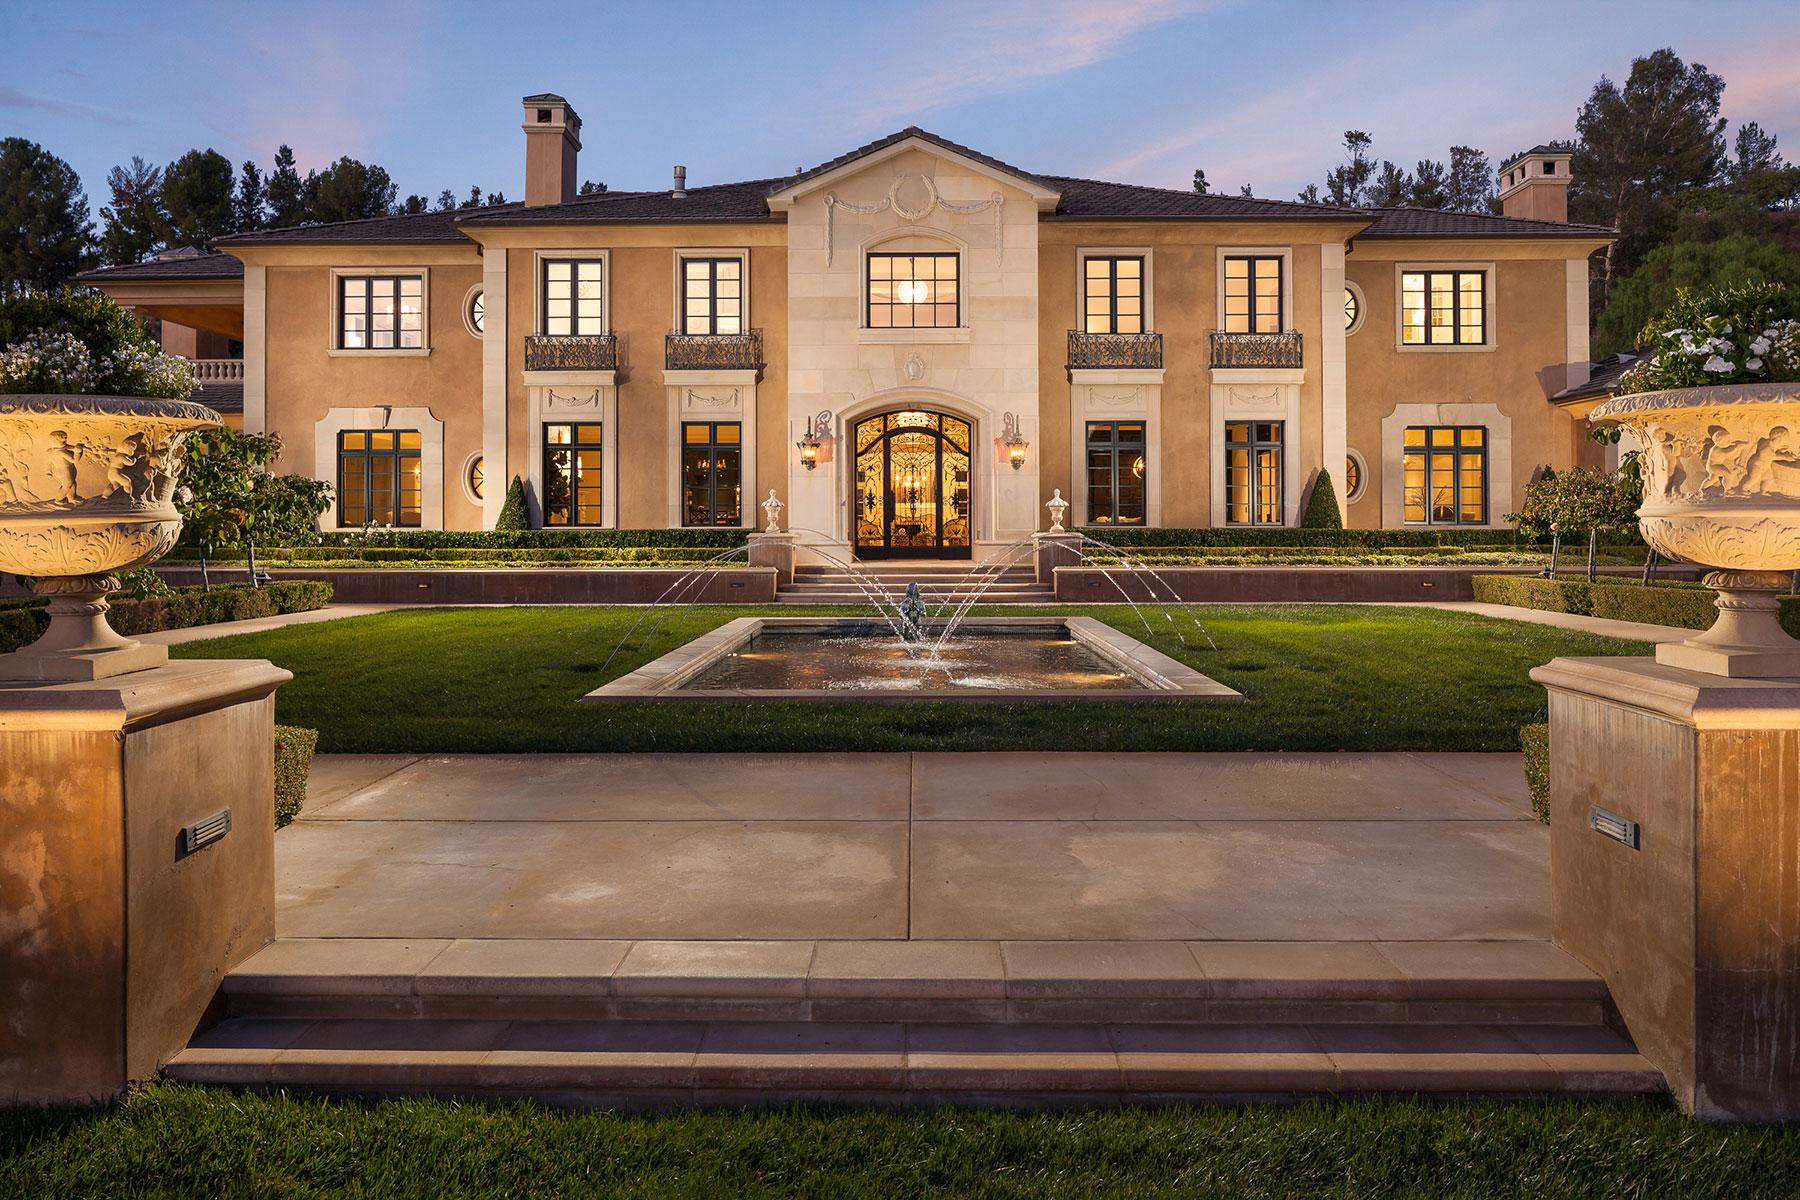 Частный односемейный дом для того Продажа на 31781 Secoya Wy Coto De Caza, Калифорния, 92679 Соединенные Штаты